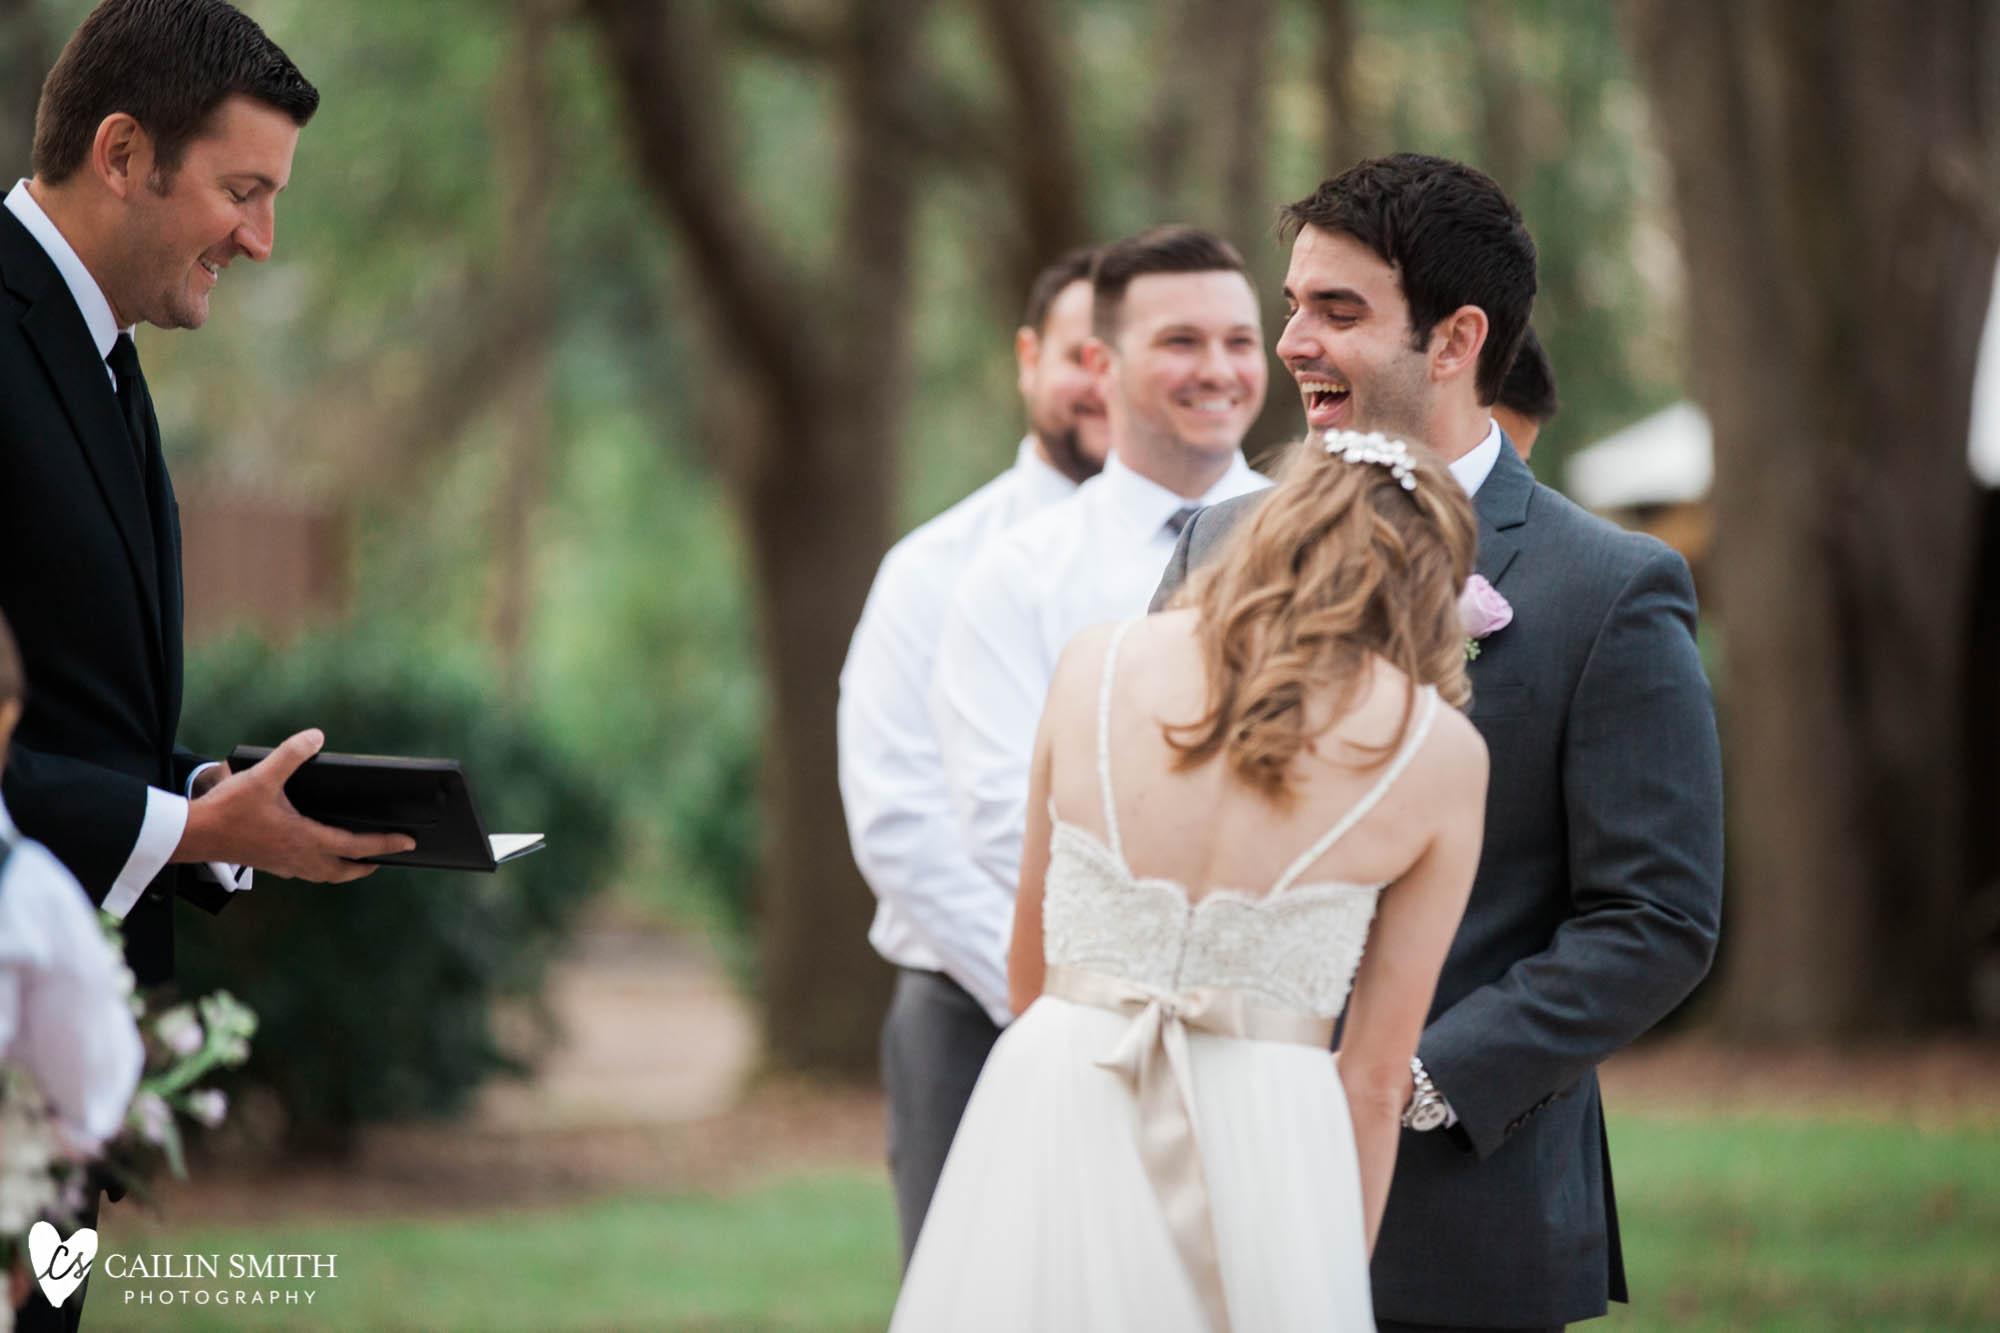 Sylvia_Anthony_Bowing_Oaks_Plantation_Wedding_Photography_0047.jpg